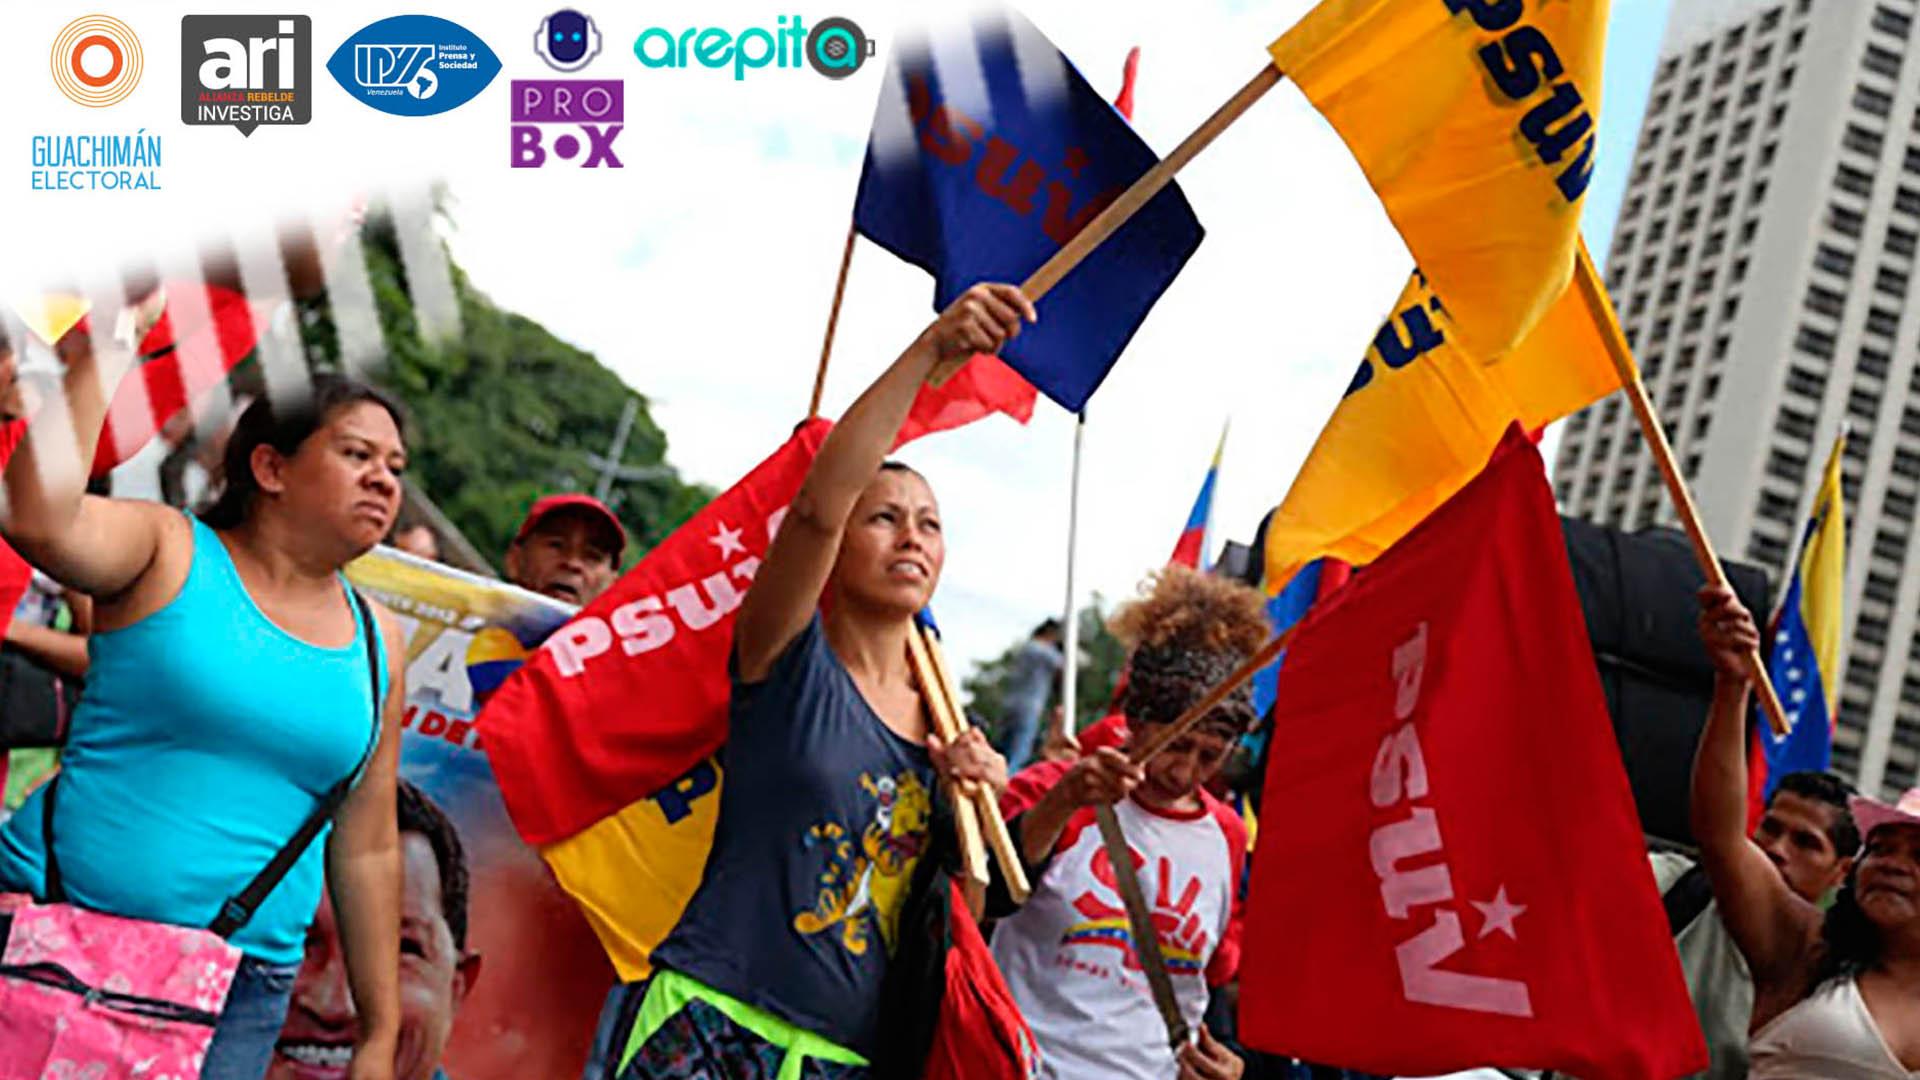 #GuachimánElectoral | Ventajismo oficialista gana terreno para las parlamentarias bajo la mirada del CNE